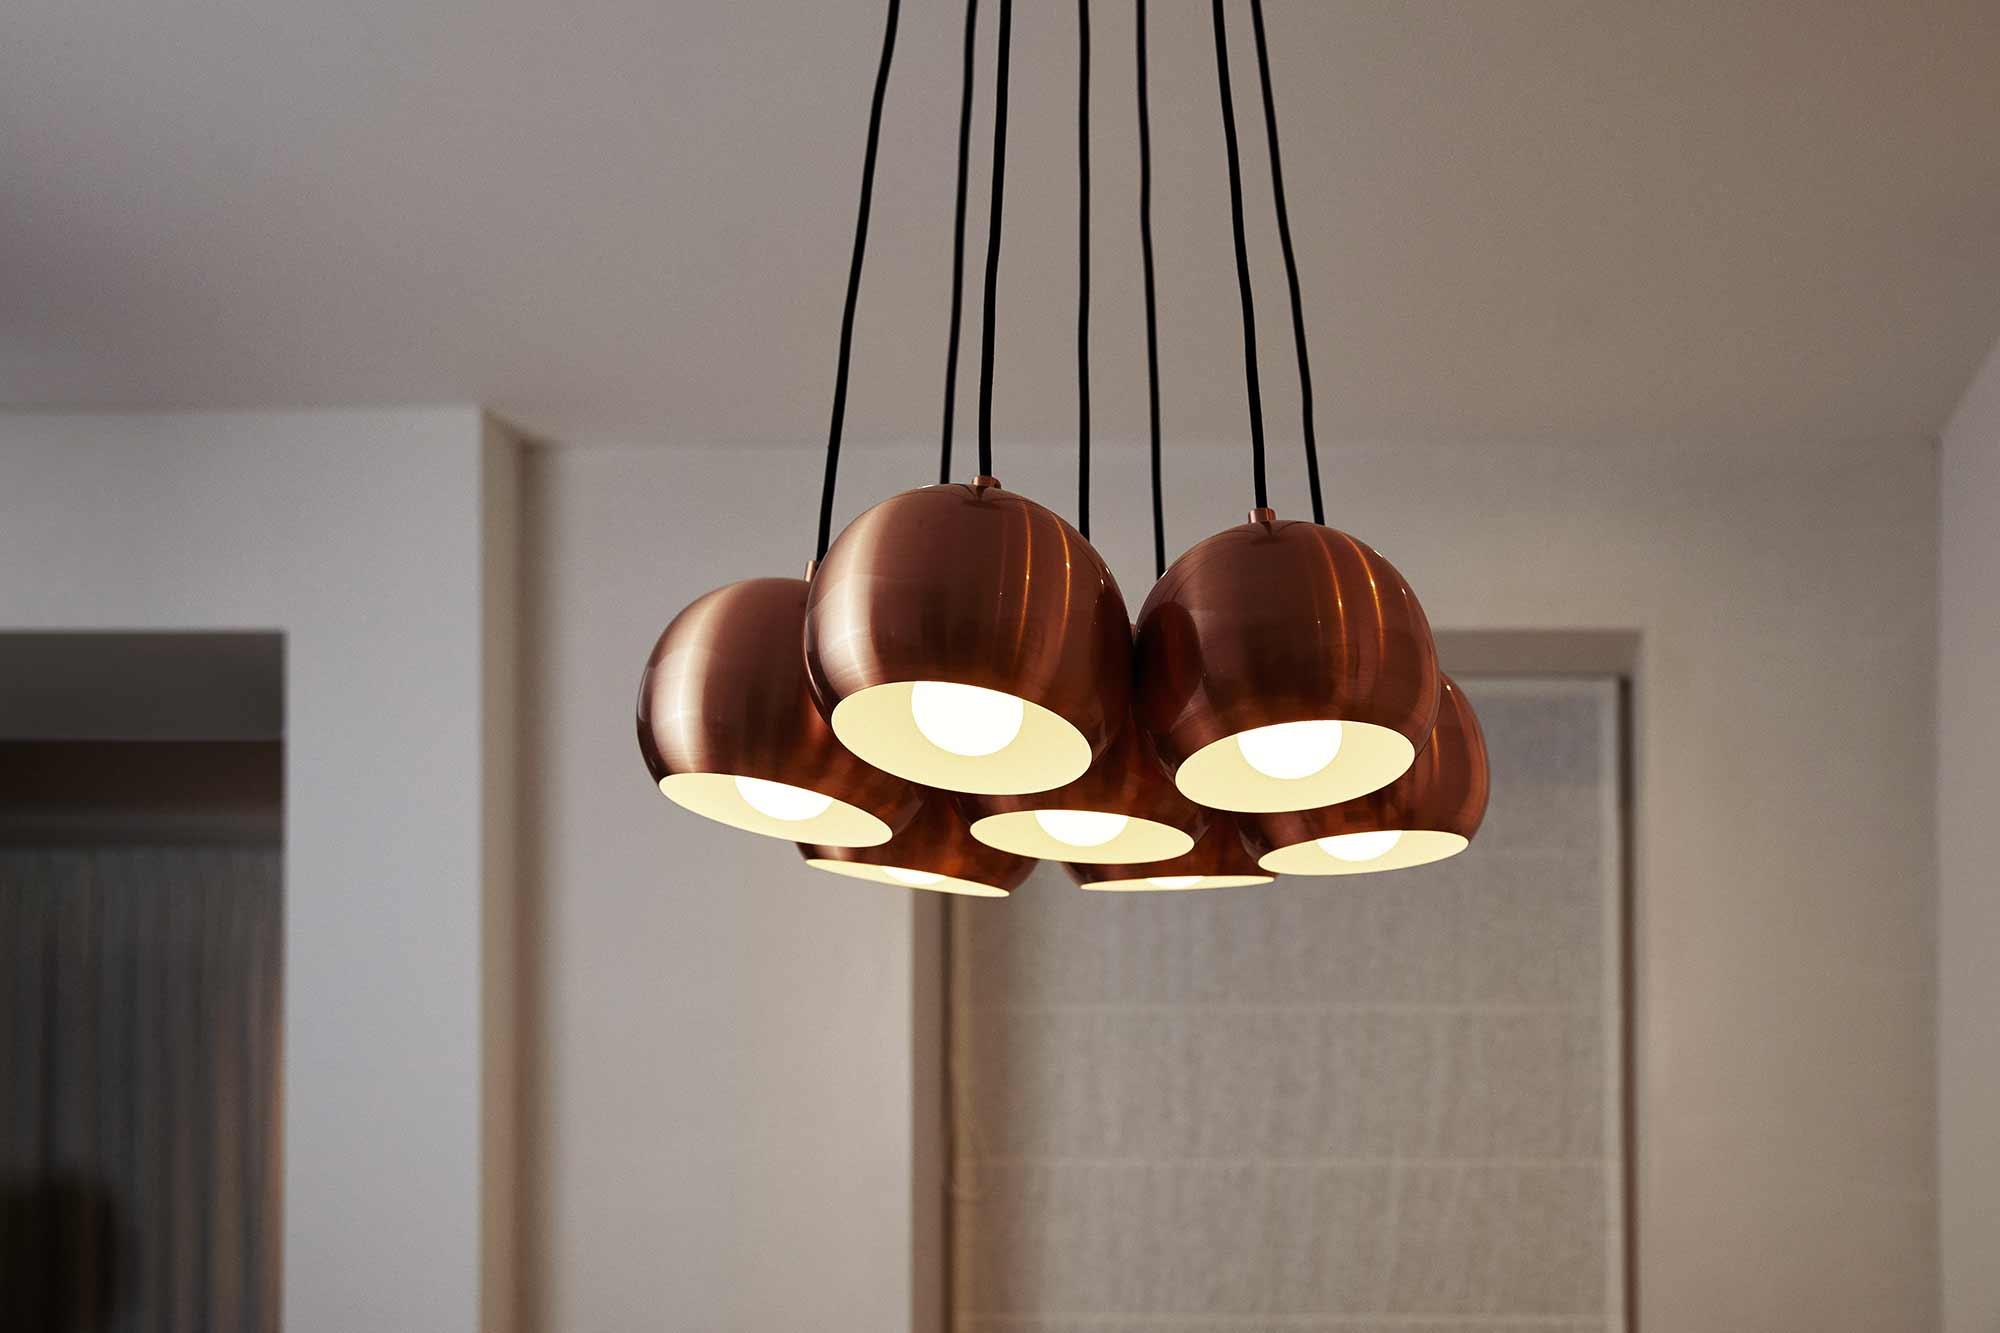 INNR hanglamp